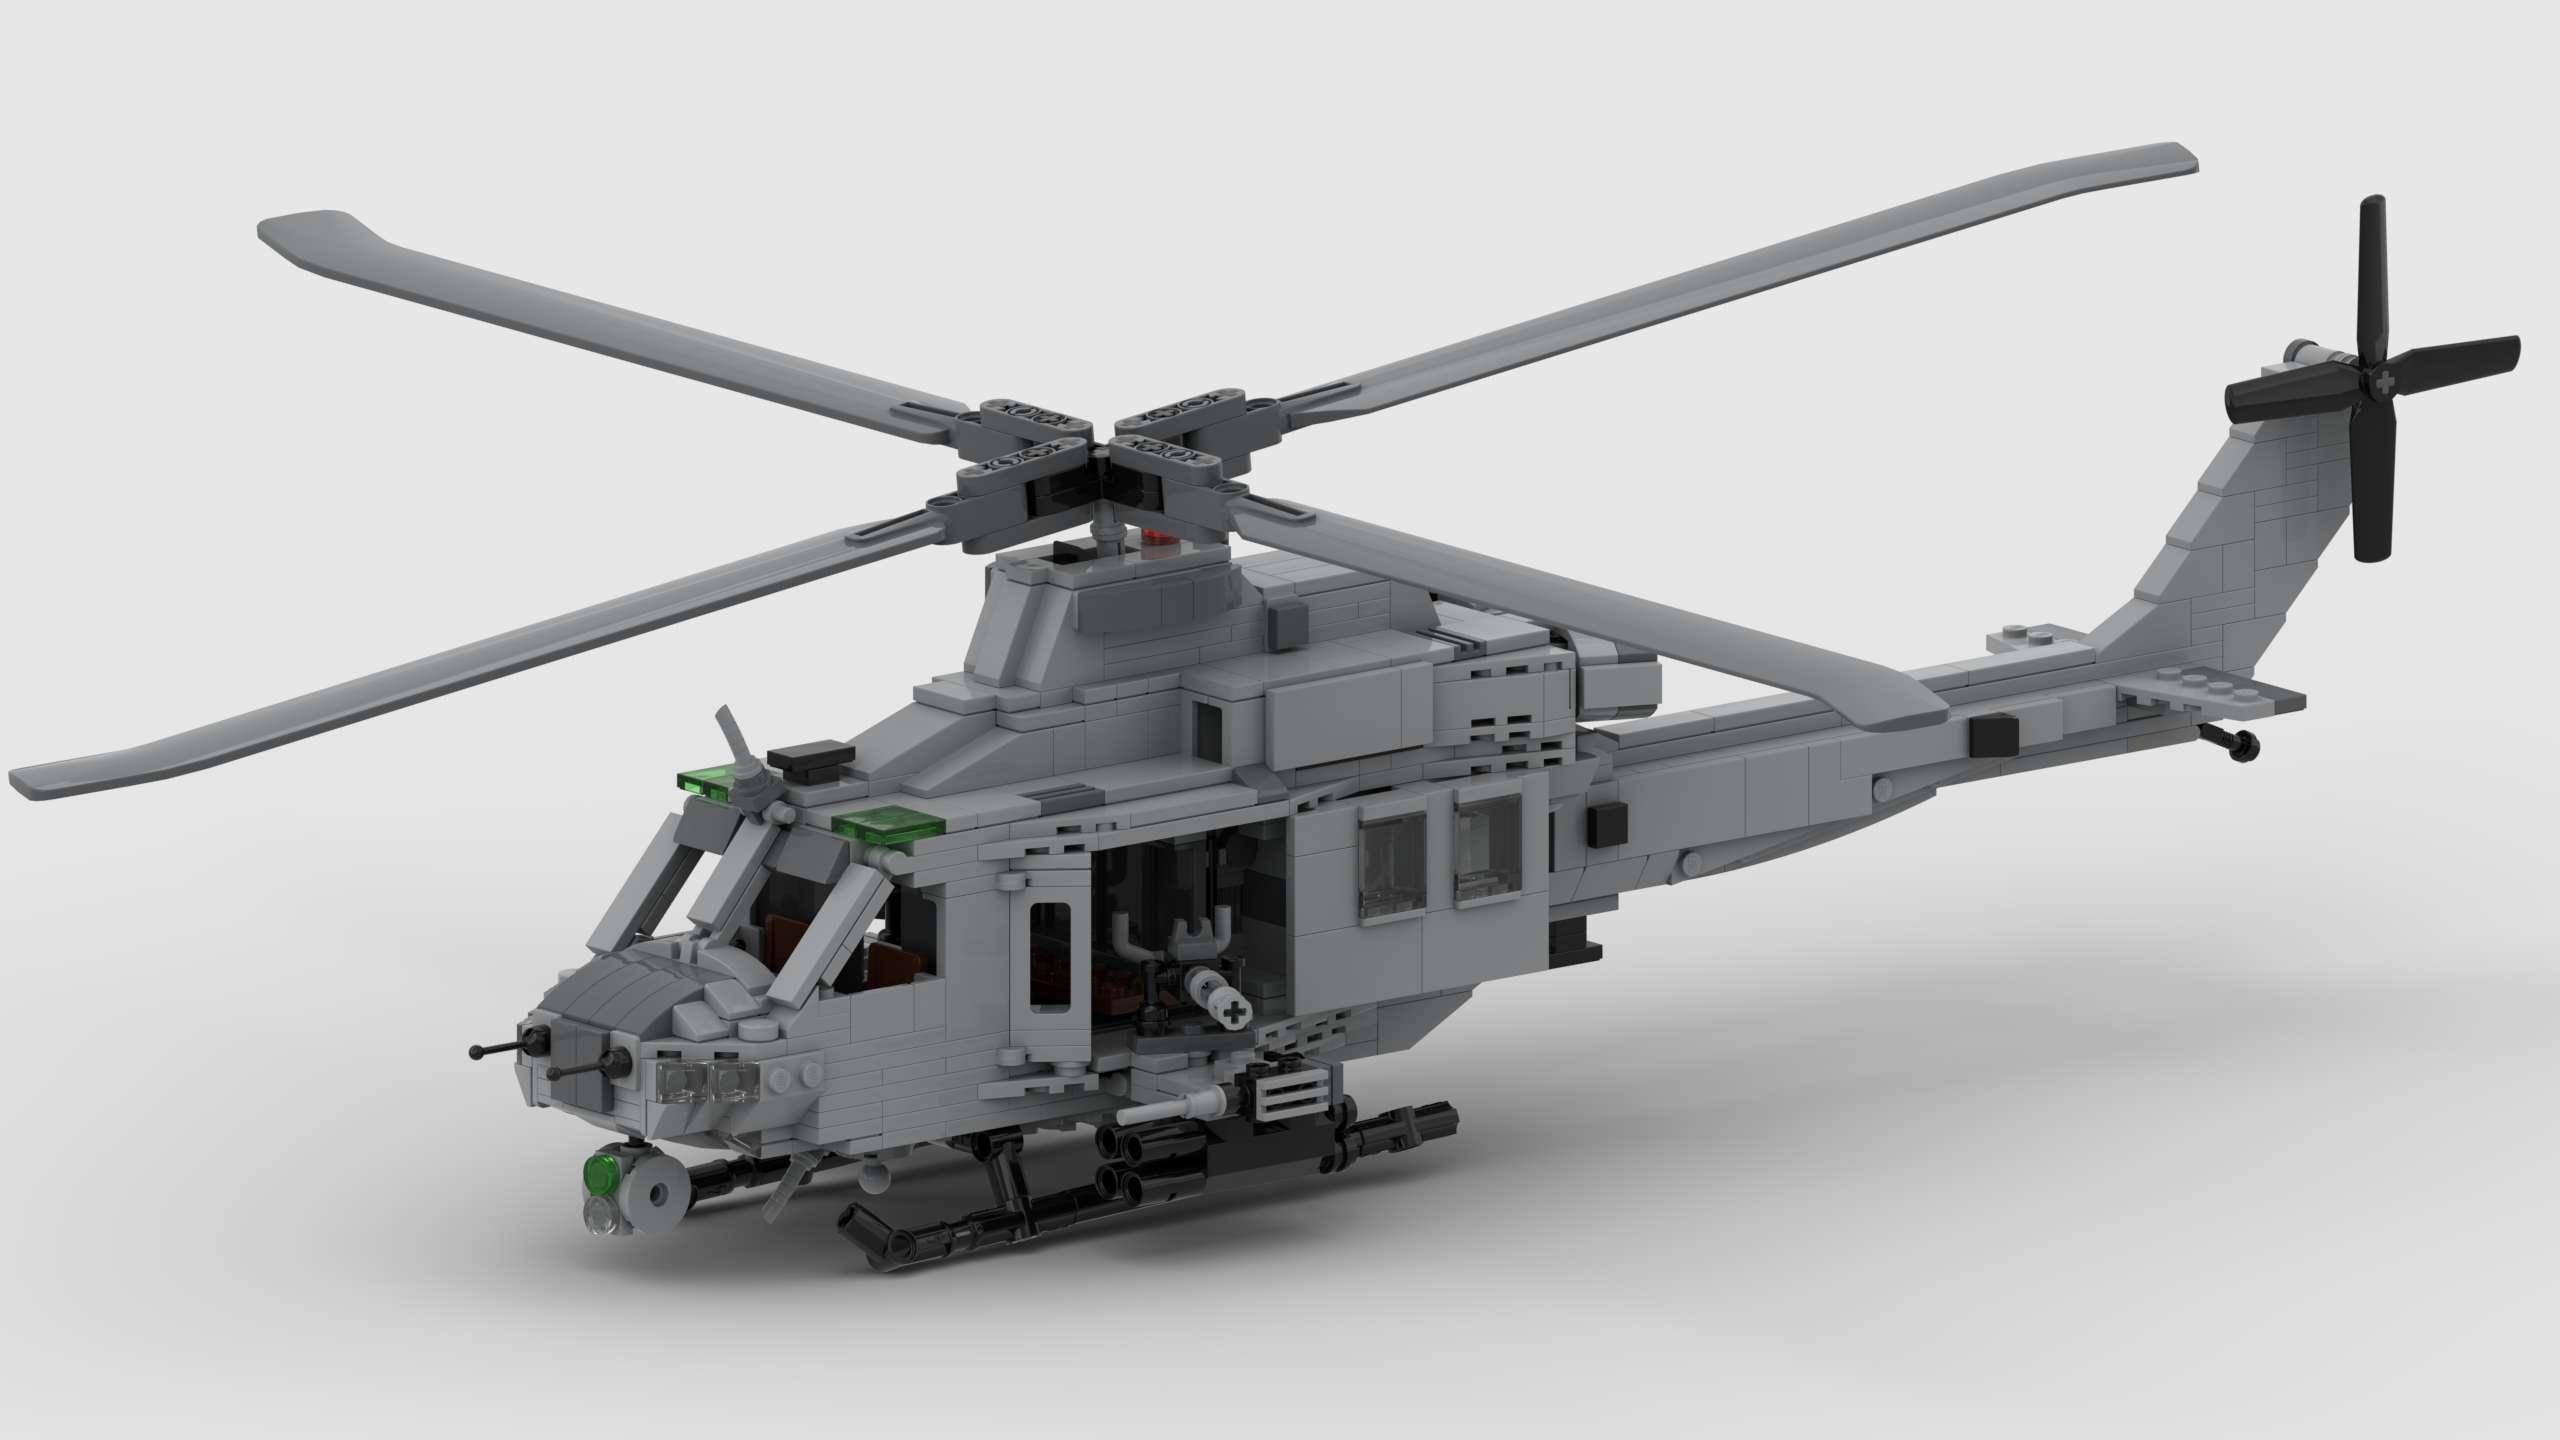 Bell UH-1Y Super Huey